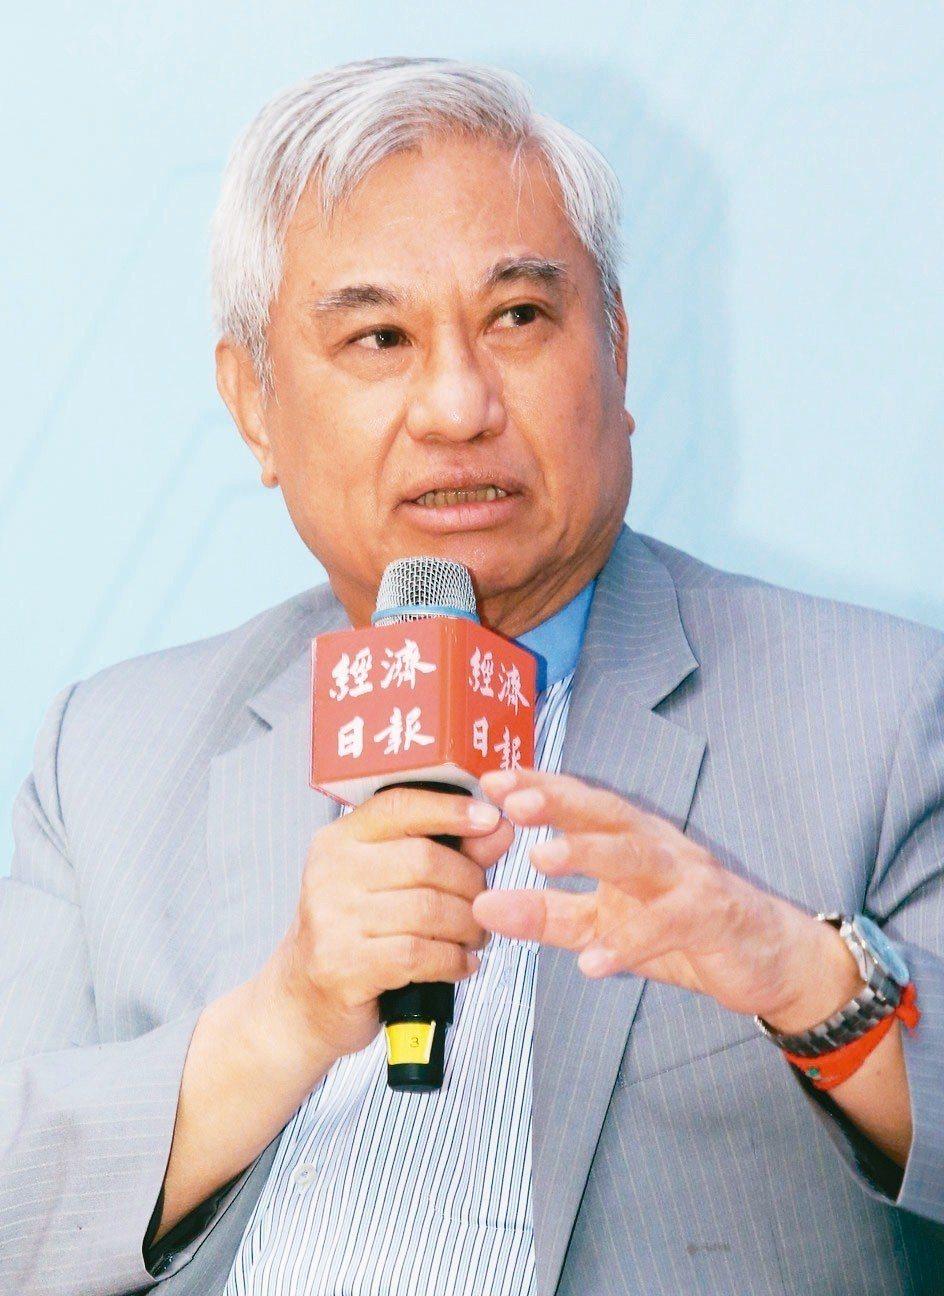 穩懋董事長陳進財 圖╱本報資料照